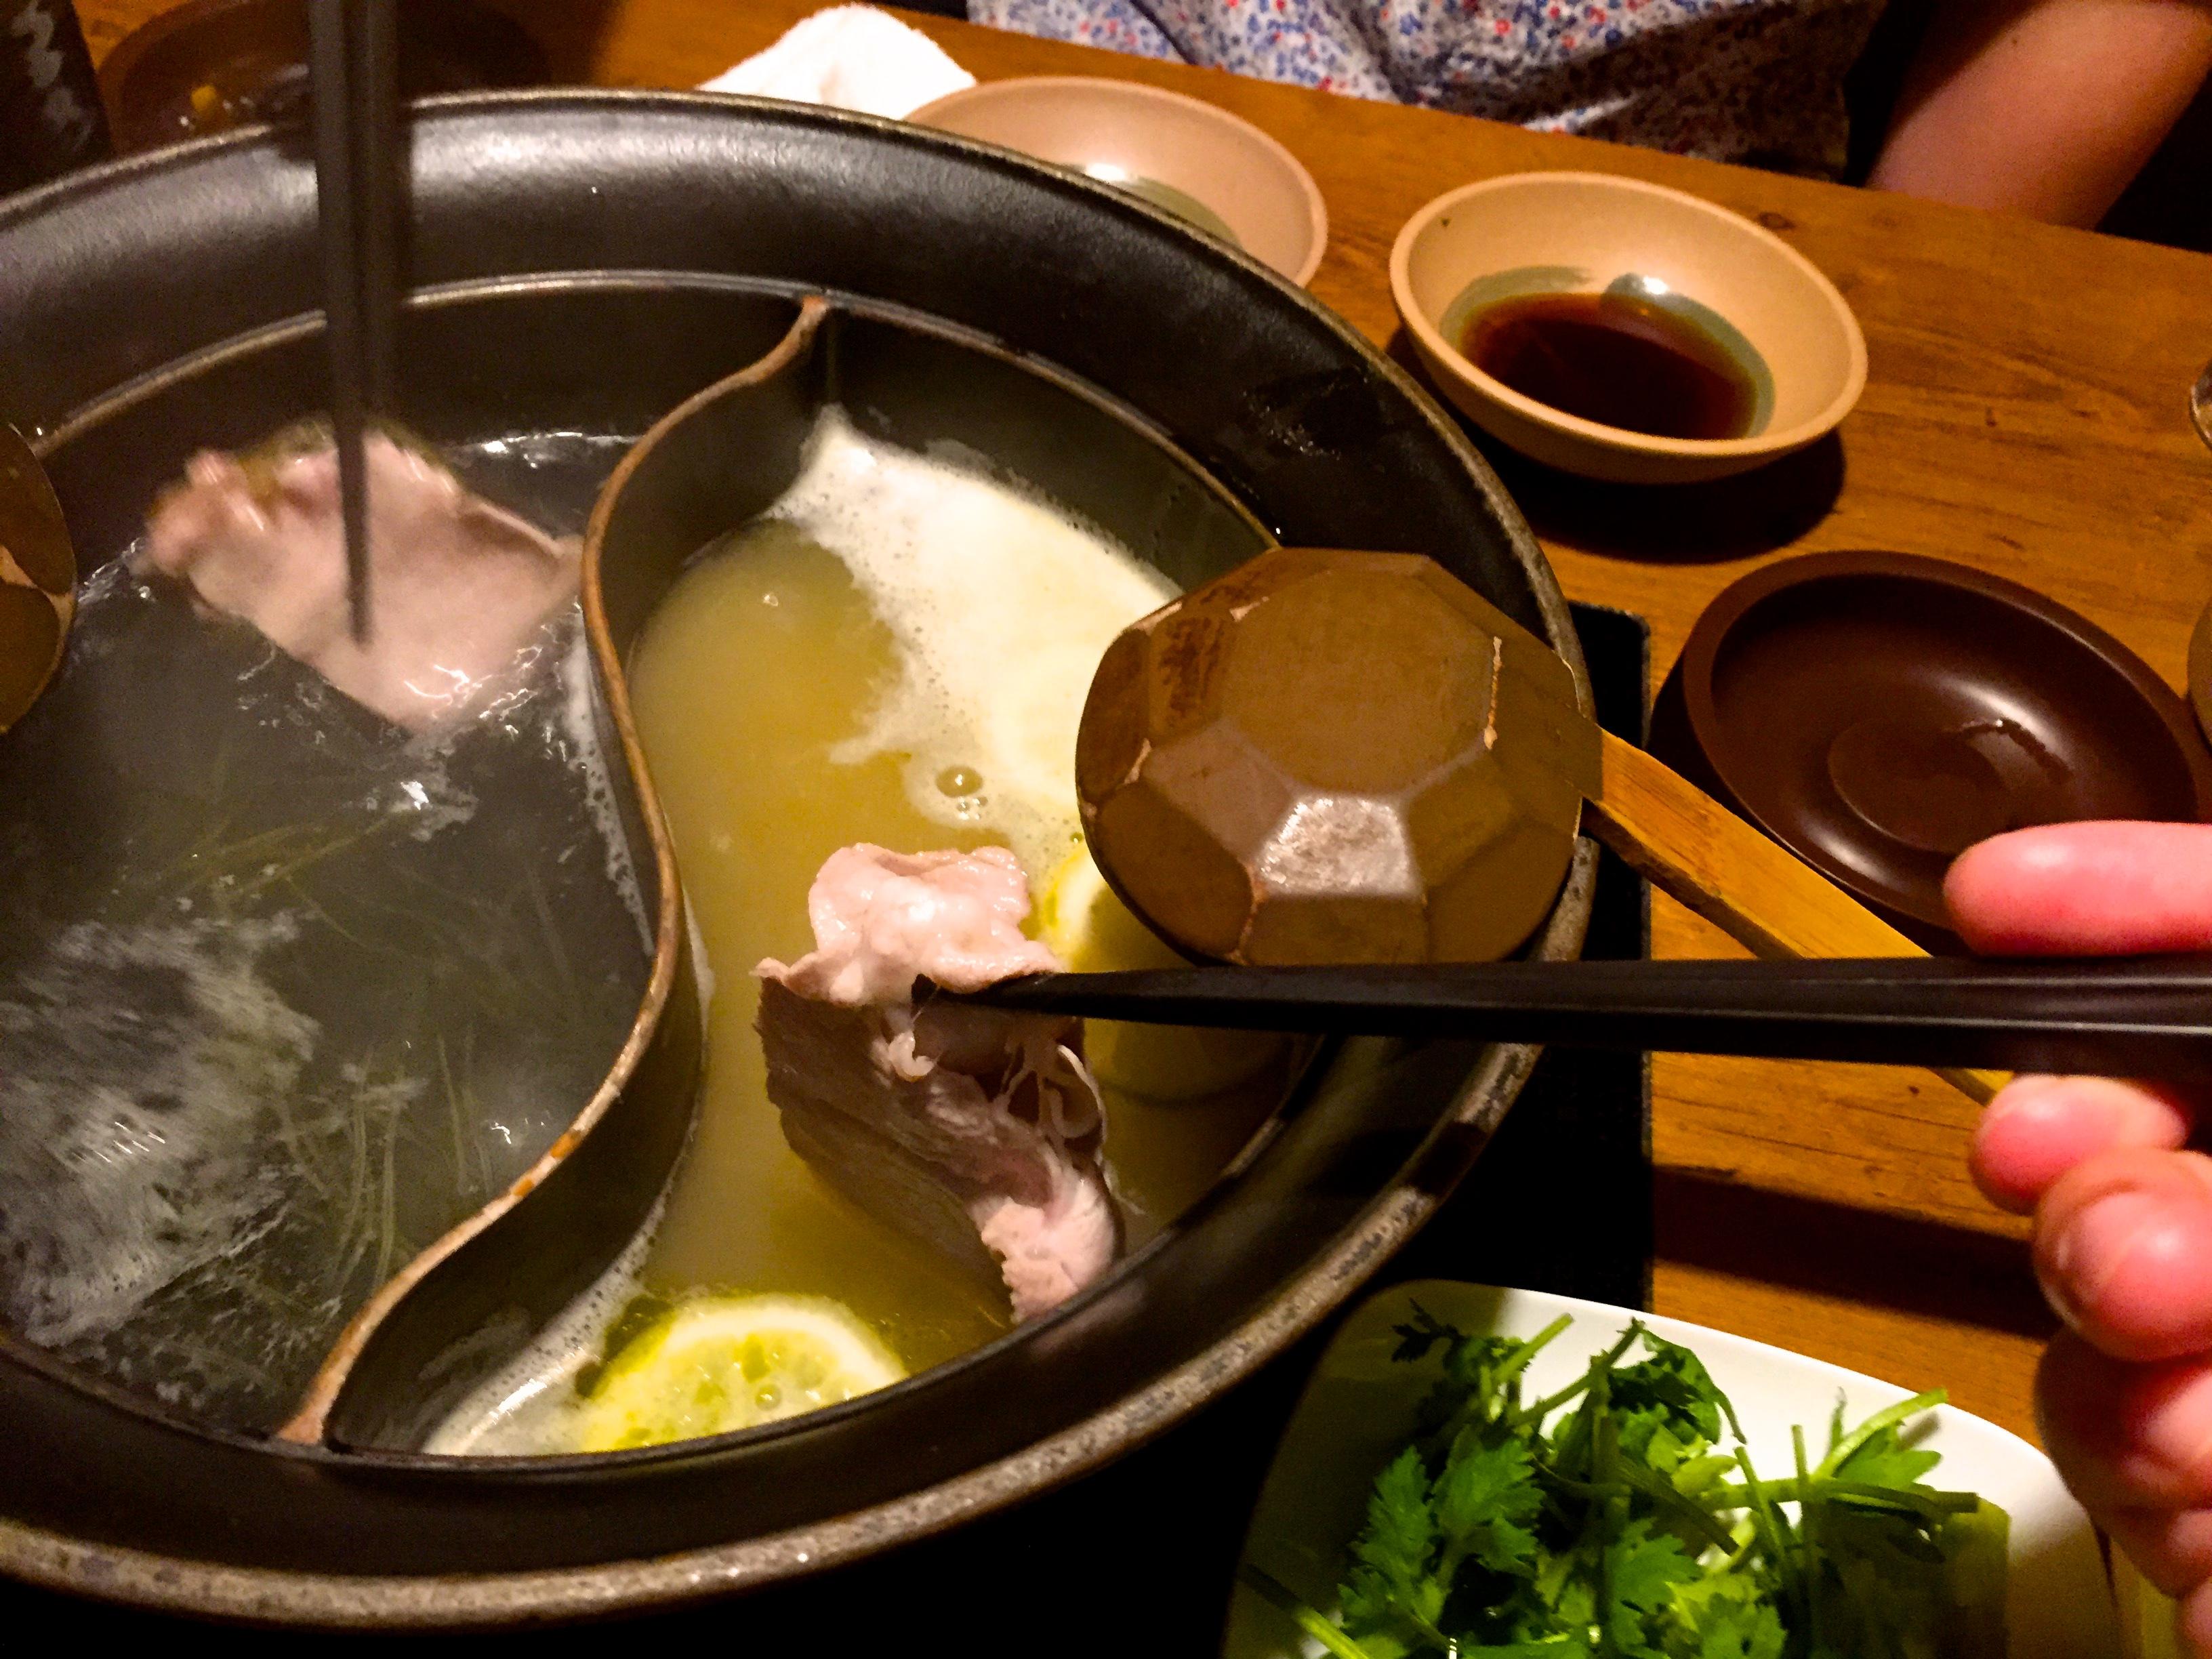 レモンたっぷりのスープで豚肉をしゃぶしゃぶ